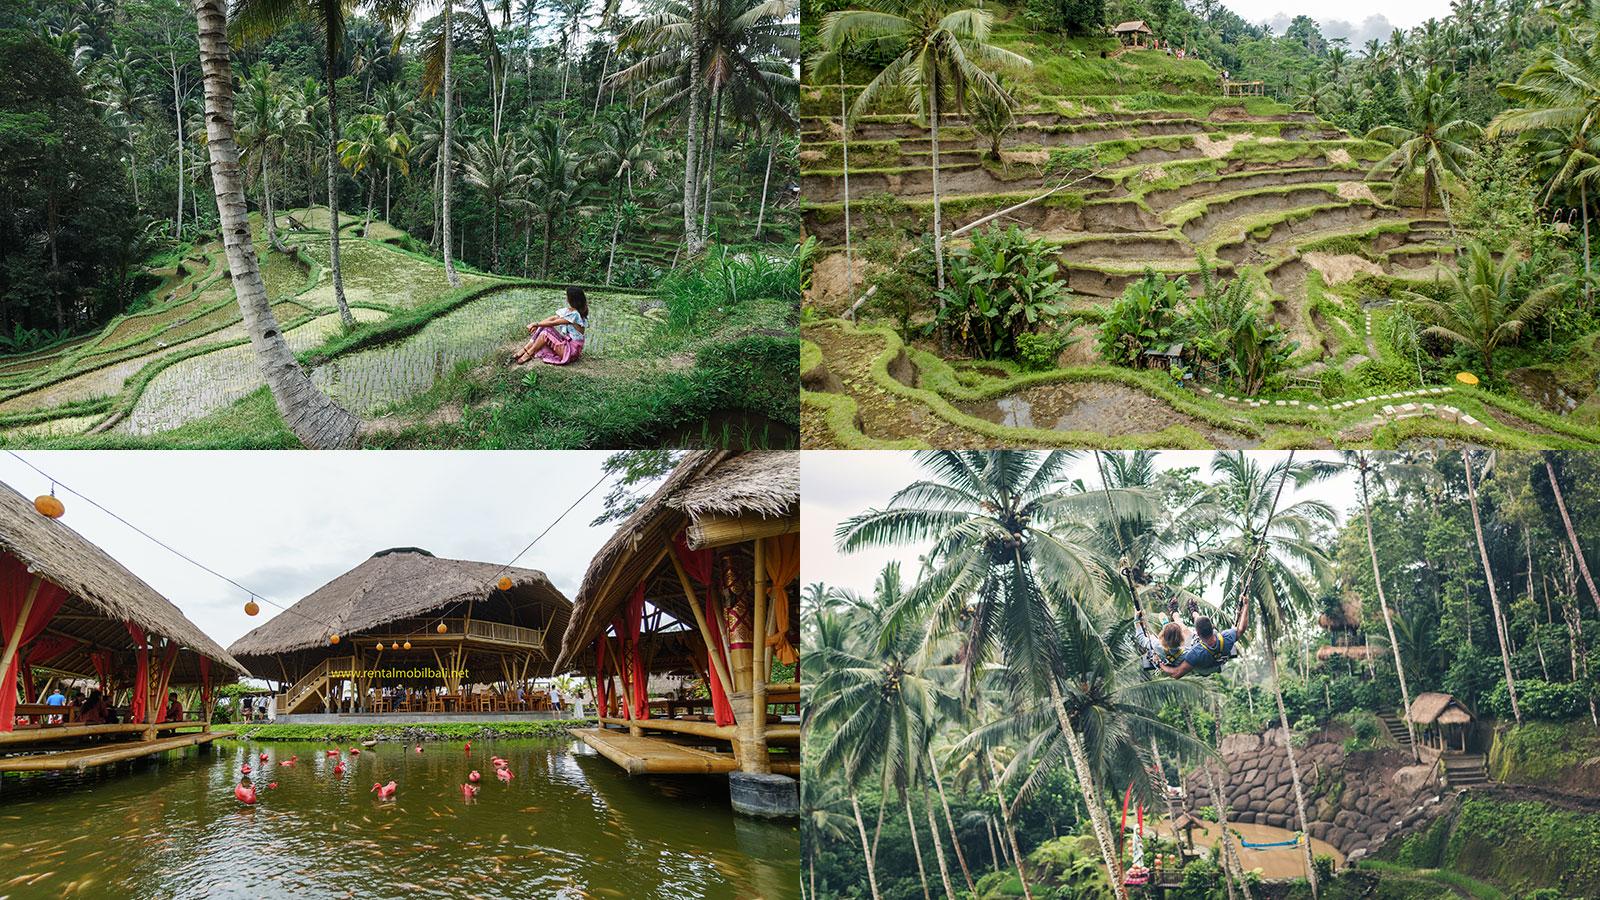 Tempat Wisata Indonesia Menikmati Tempat Wisata Di Bandung